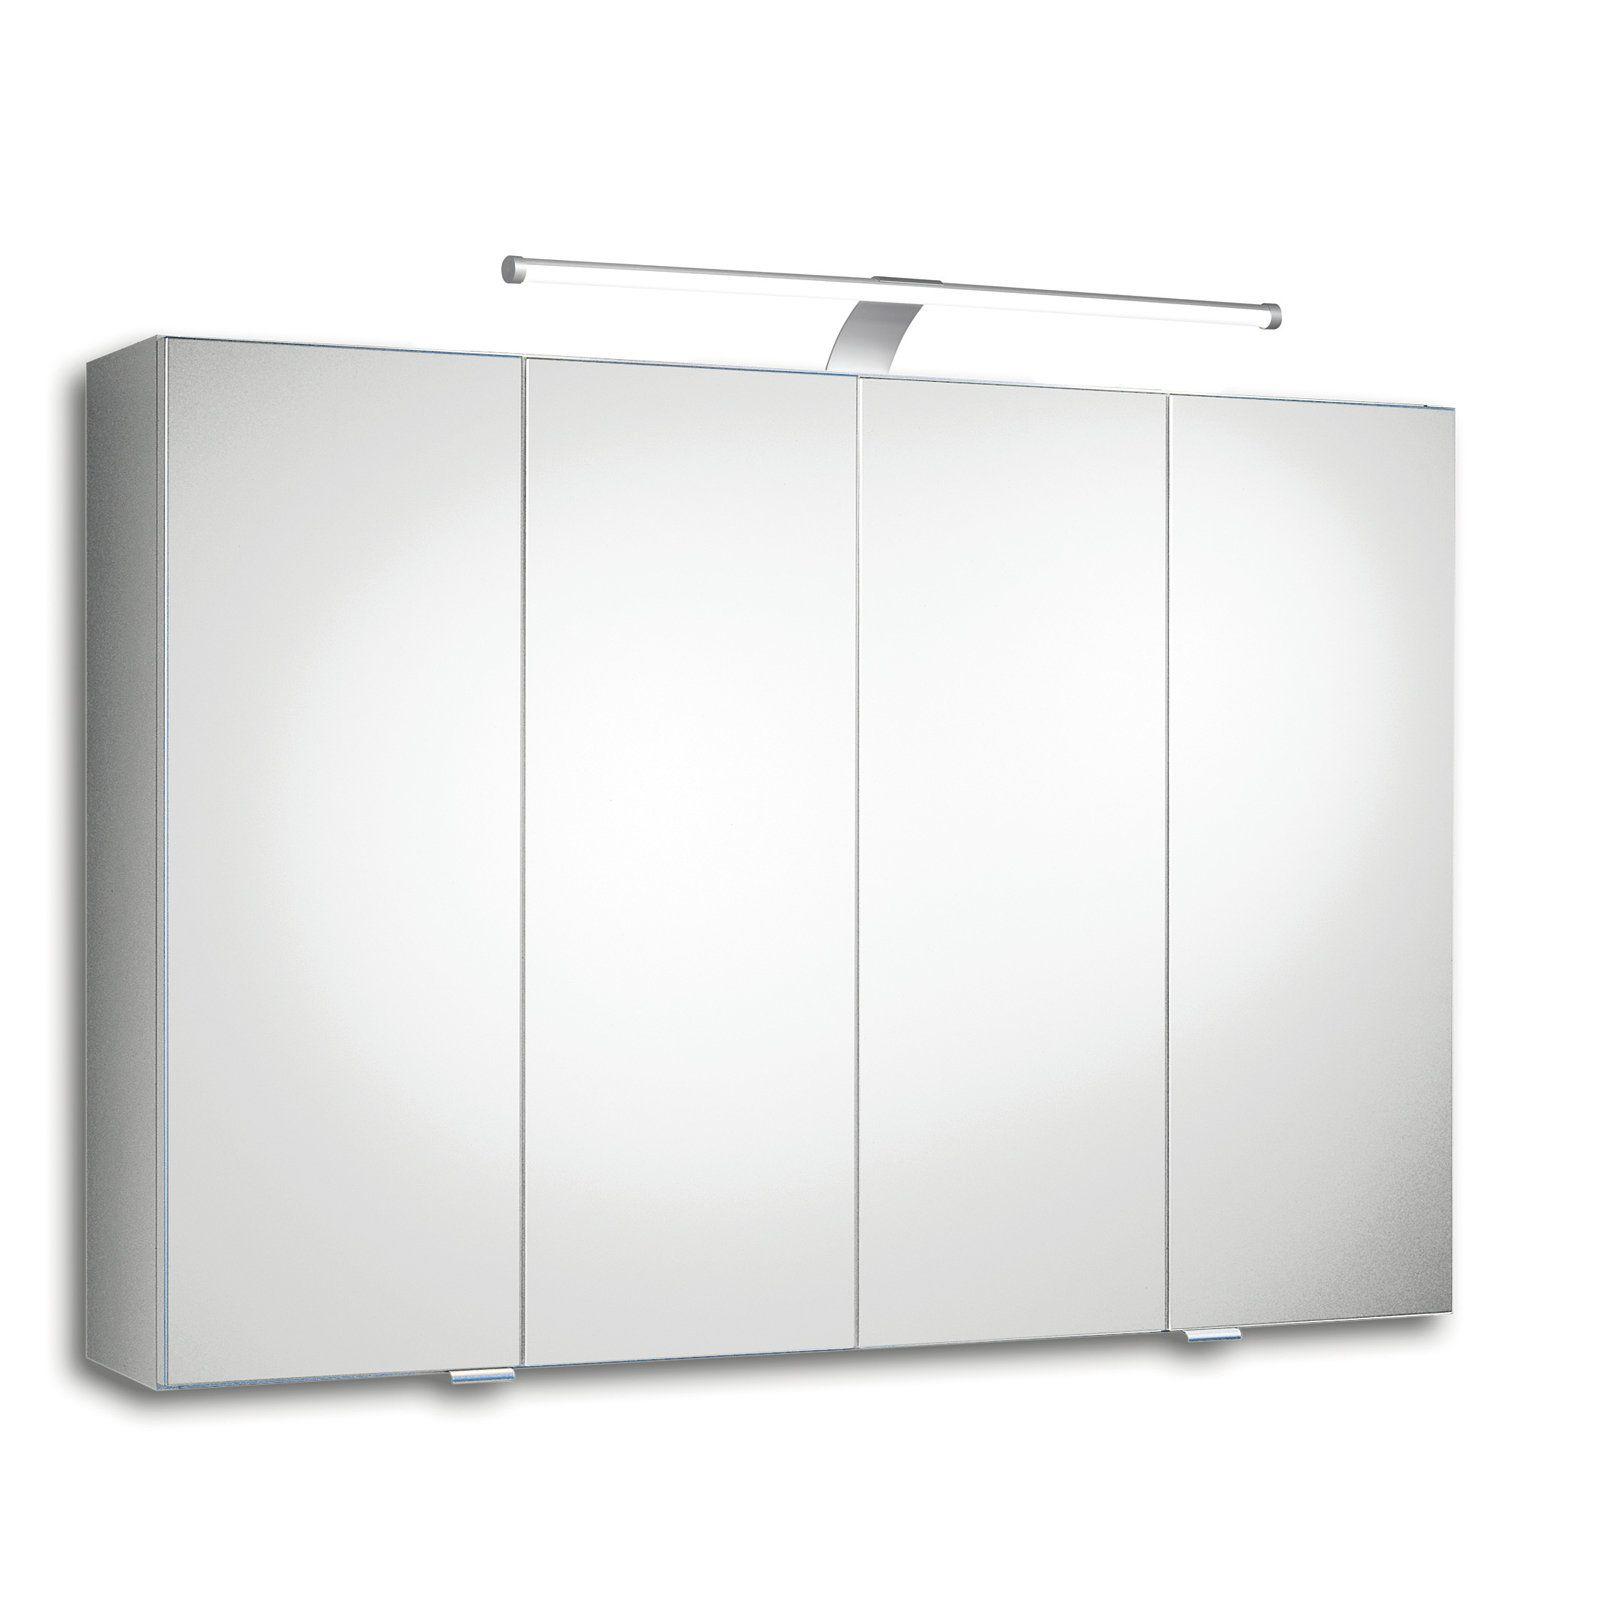 Spiegelschrank TRENTO III - weiß - LED Jetzt bestellen unter: https ...